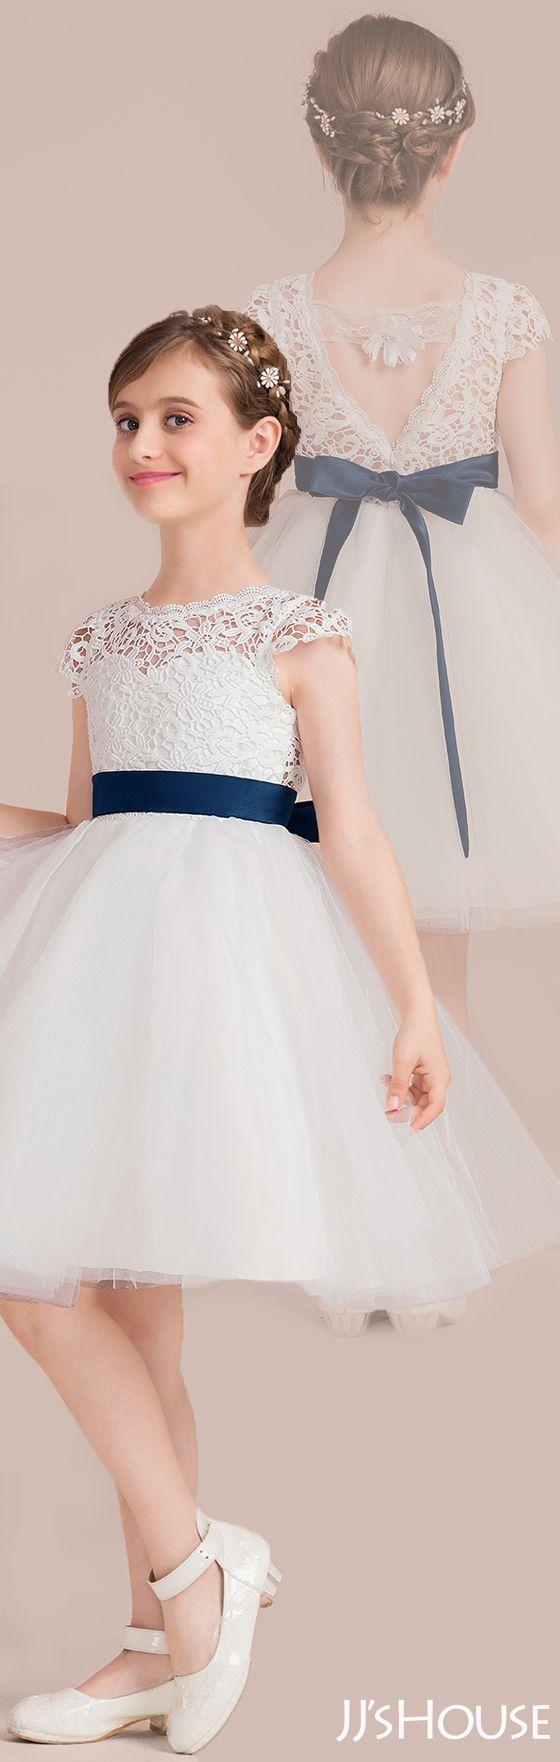 Such a cute junior bridesmaid dress! #JJsHouse #Junior #Bridesmaid